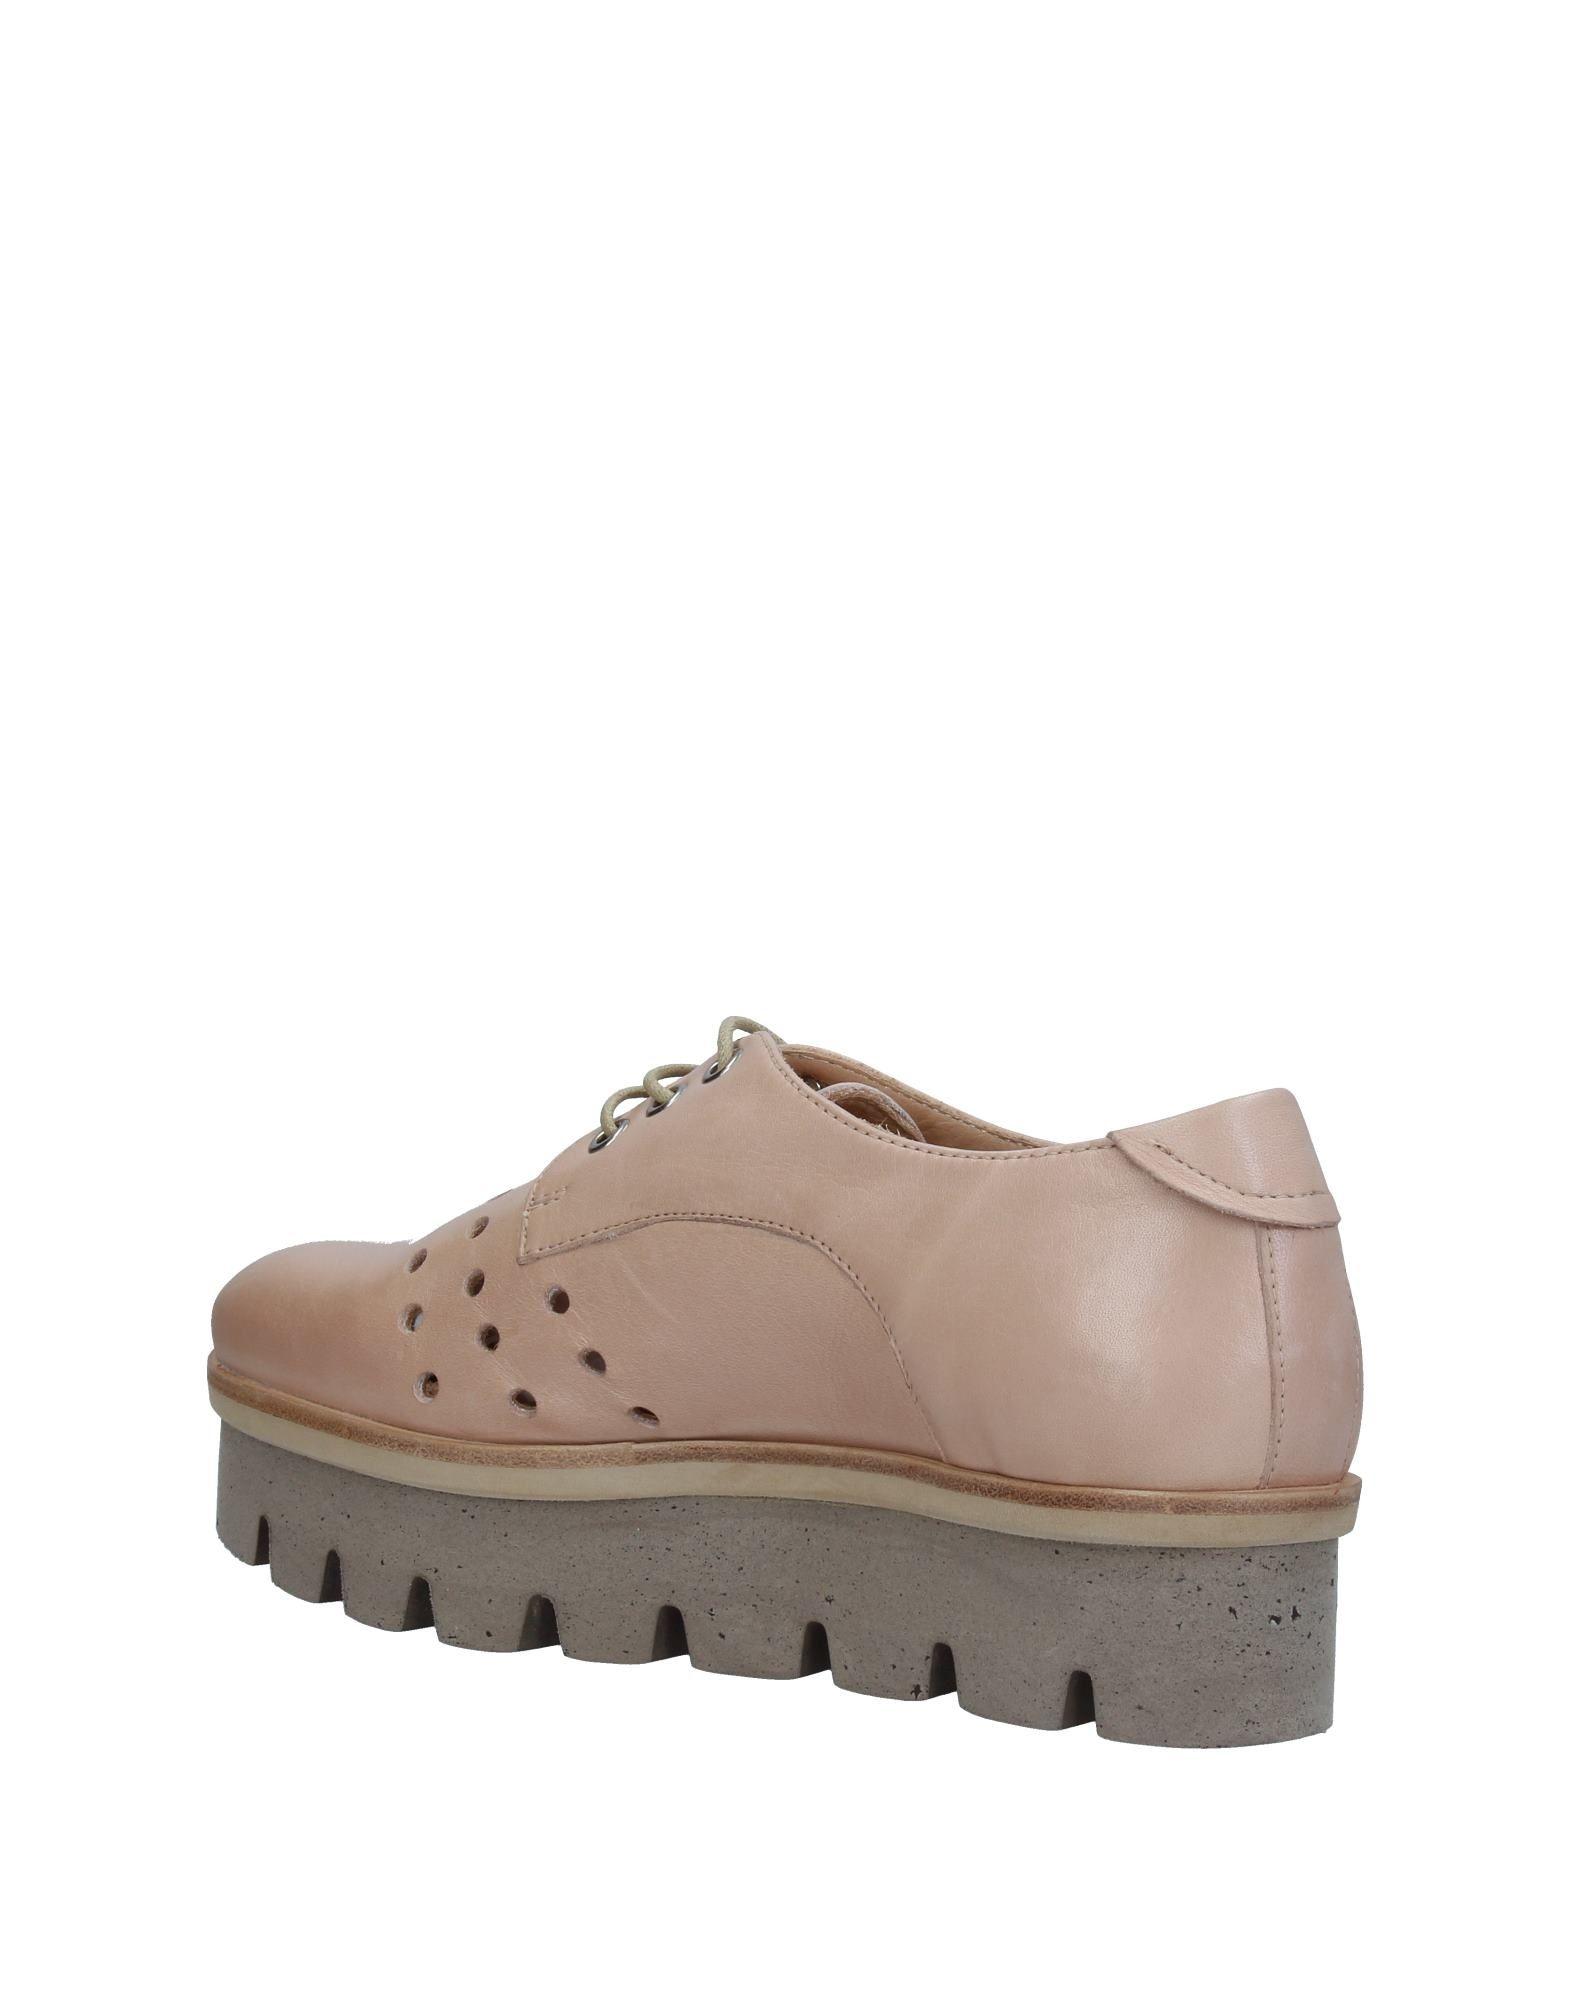 Chaussures - Chaussures À Lacets Poesie Veneziane i5fLBp4